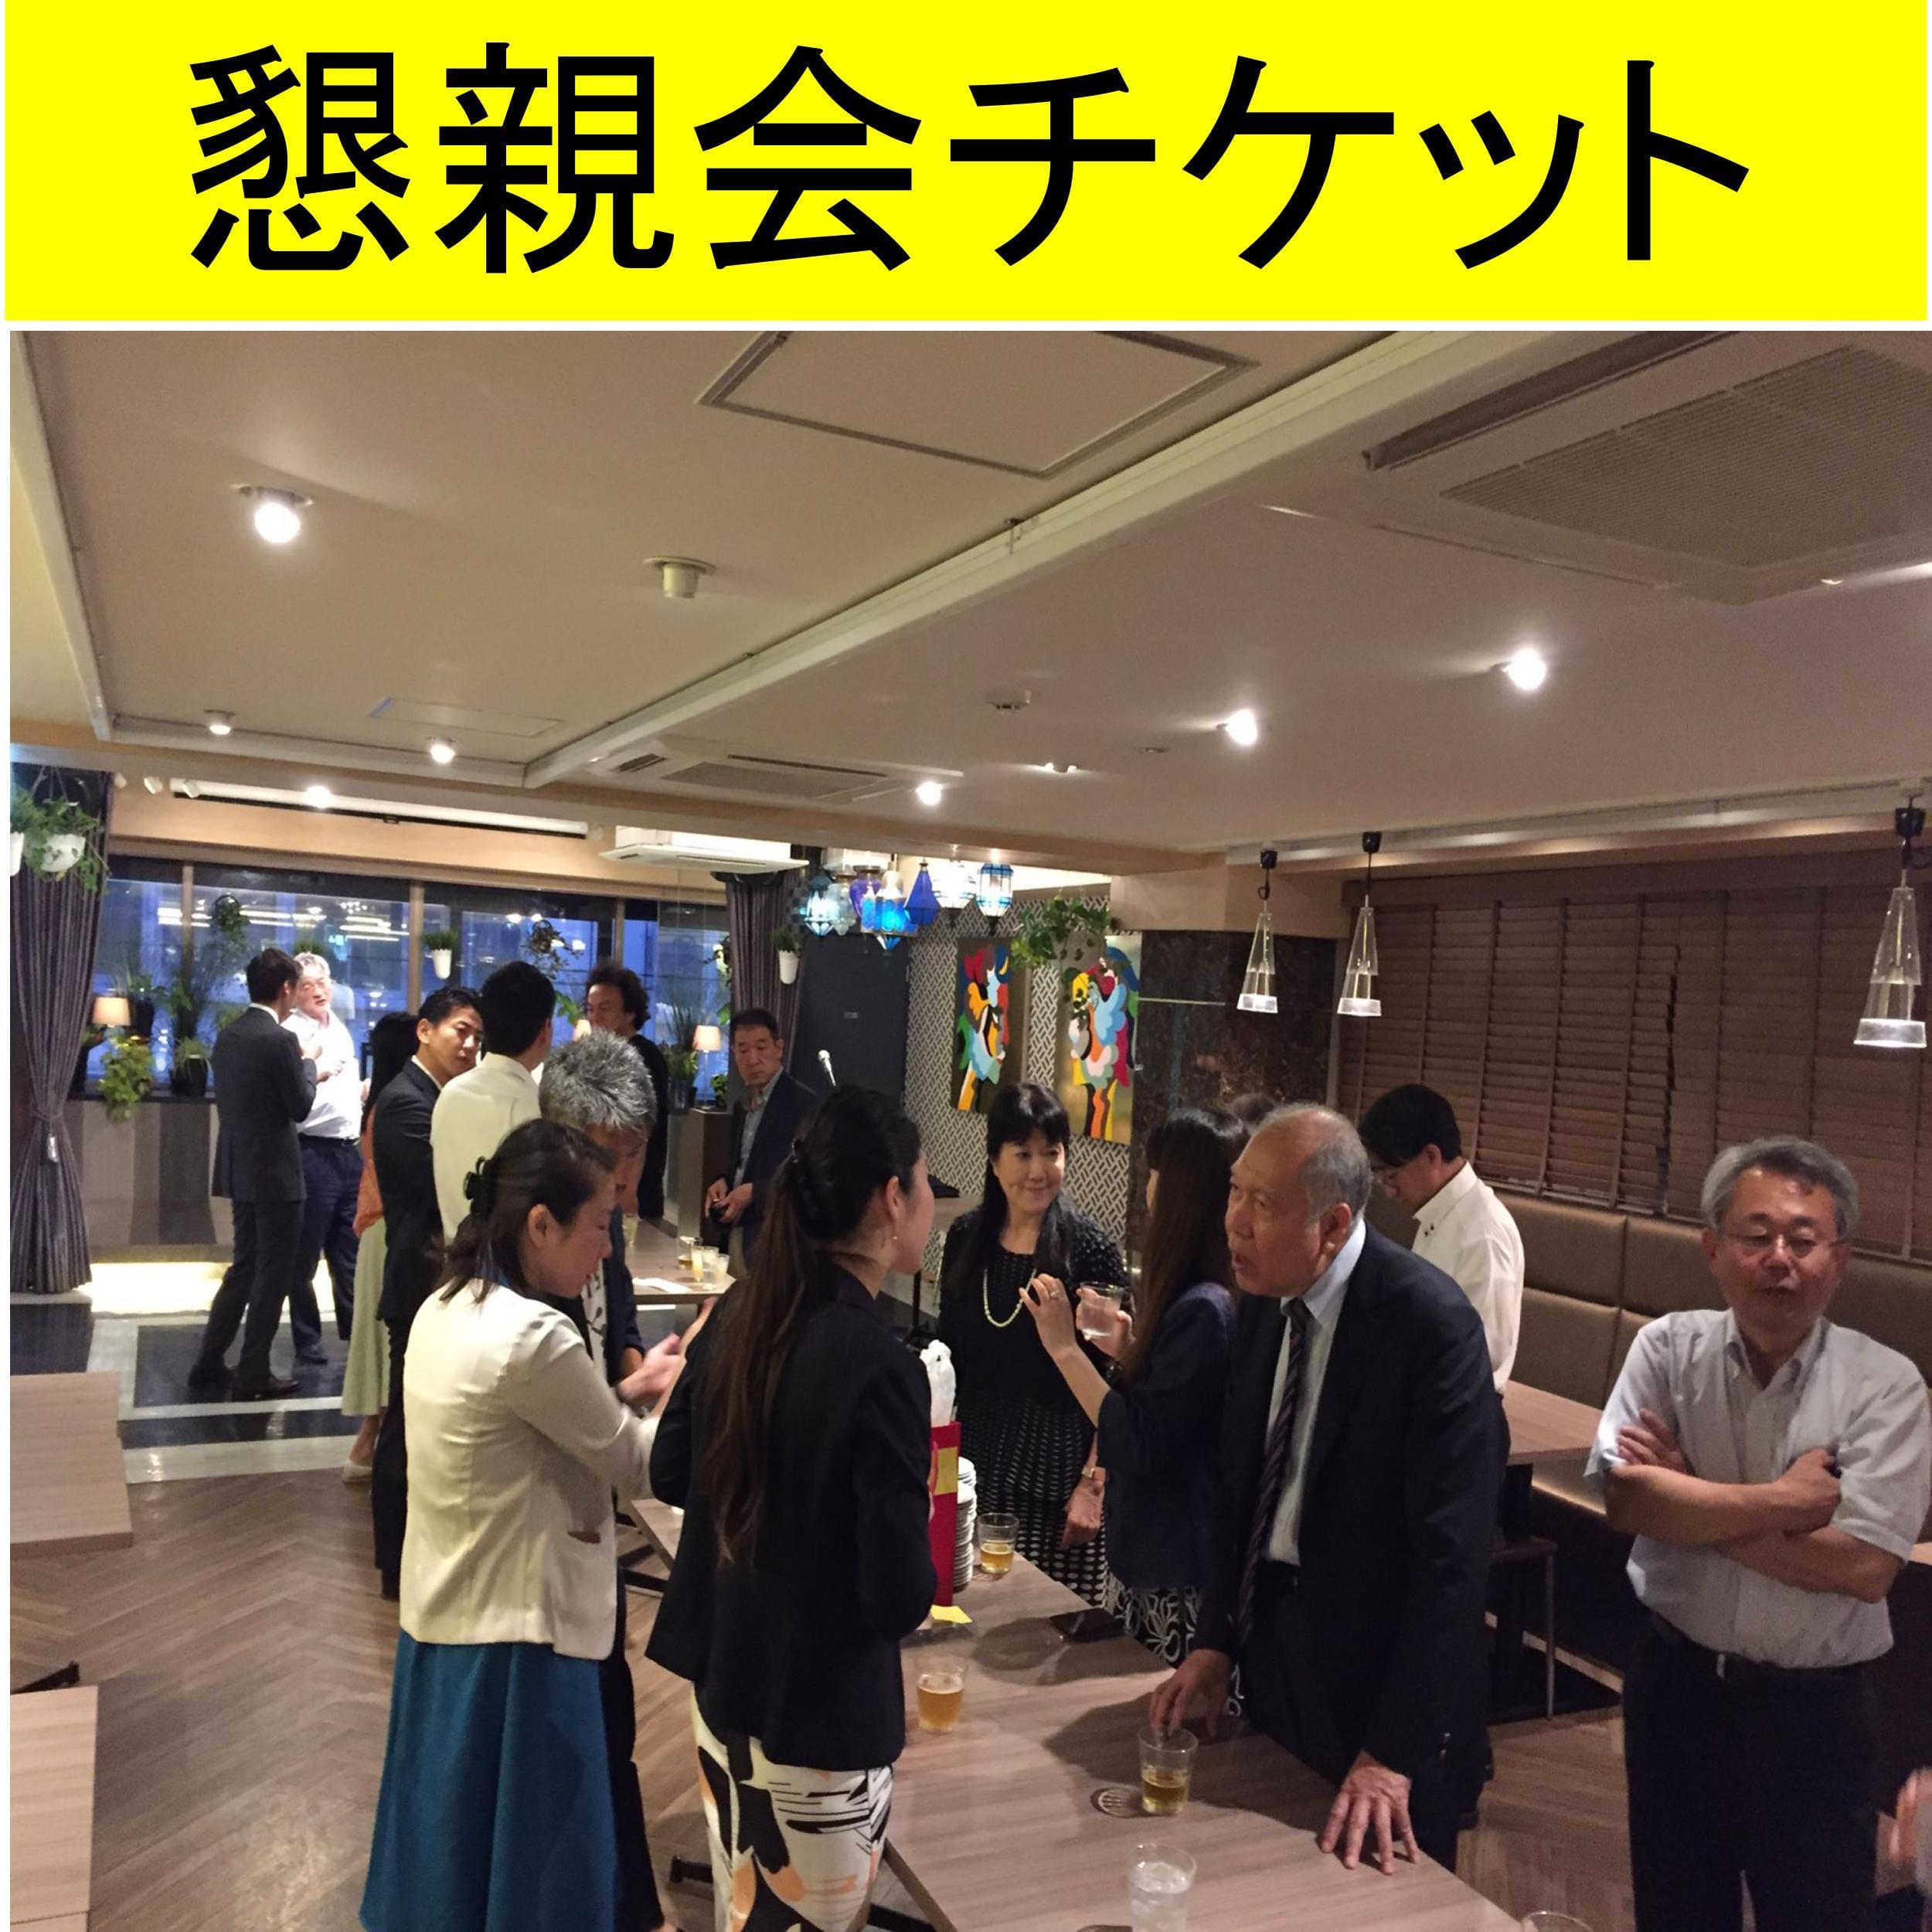 【全員共通】日本の医療と福祉を考える会 9/16 懇親会 チケットのイメージその4